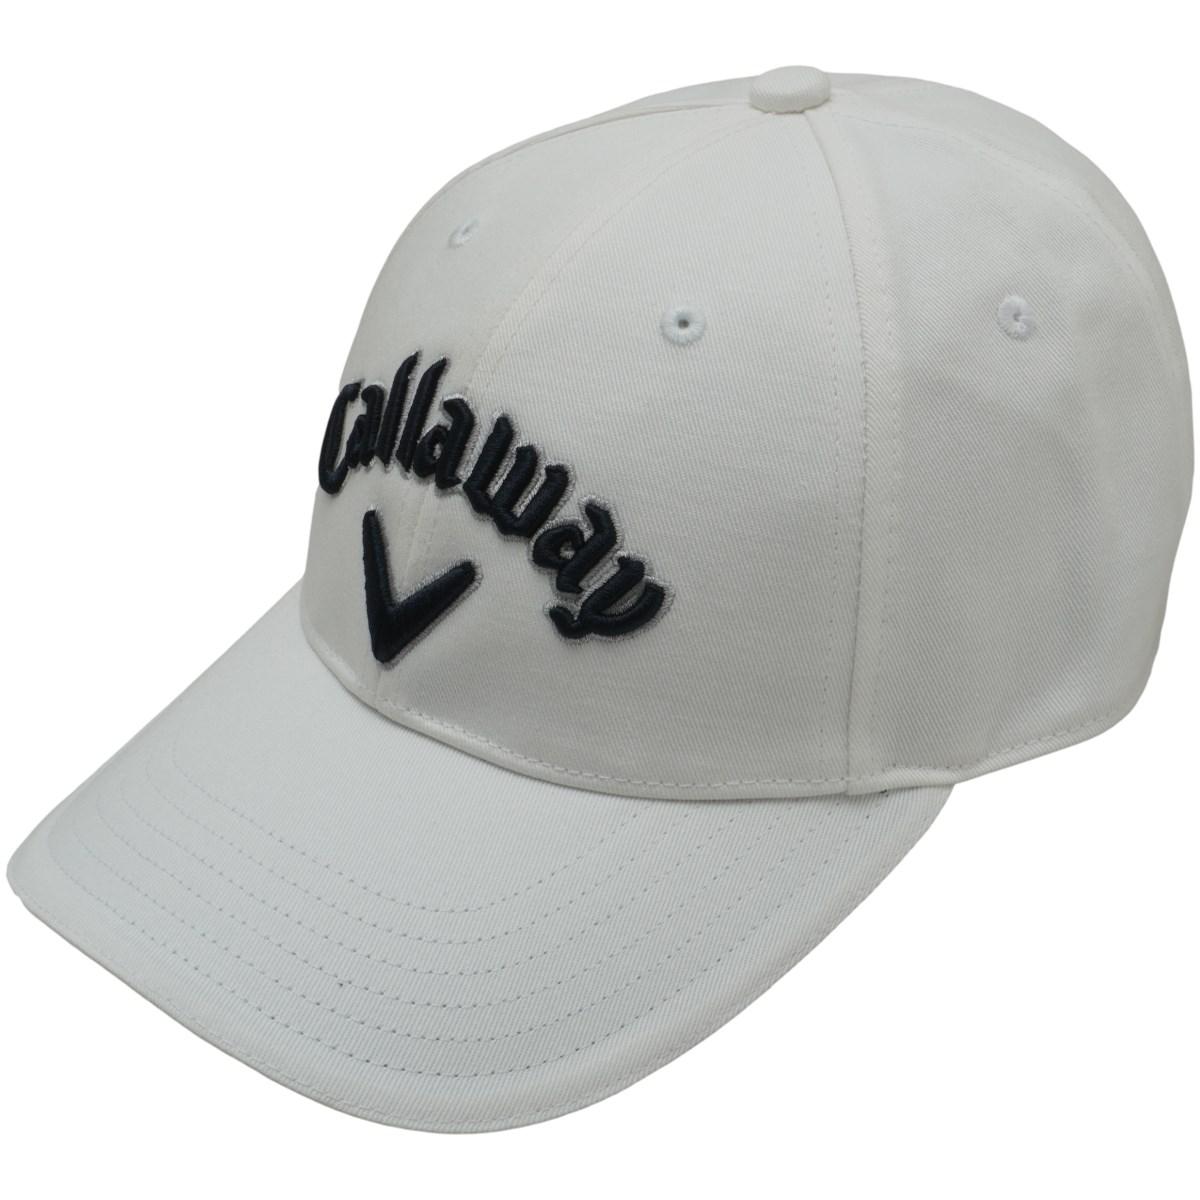 キャロウェイゴルフ Callaway Golf ベーシックキャップ フリー ホワイト/ネイビー 030 レディス